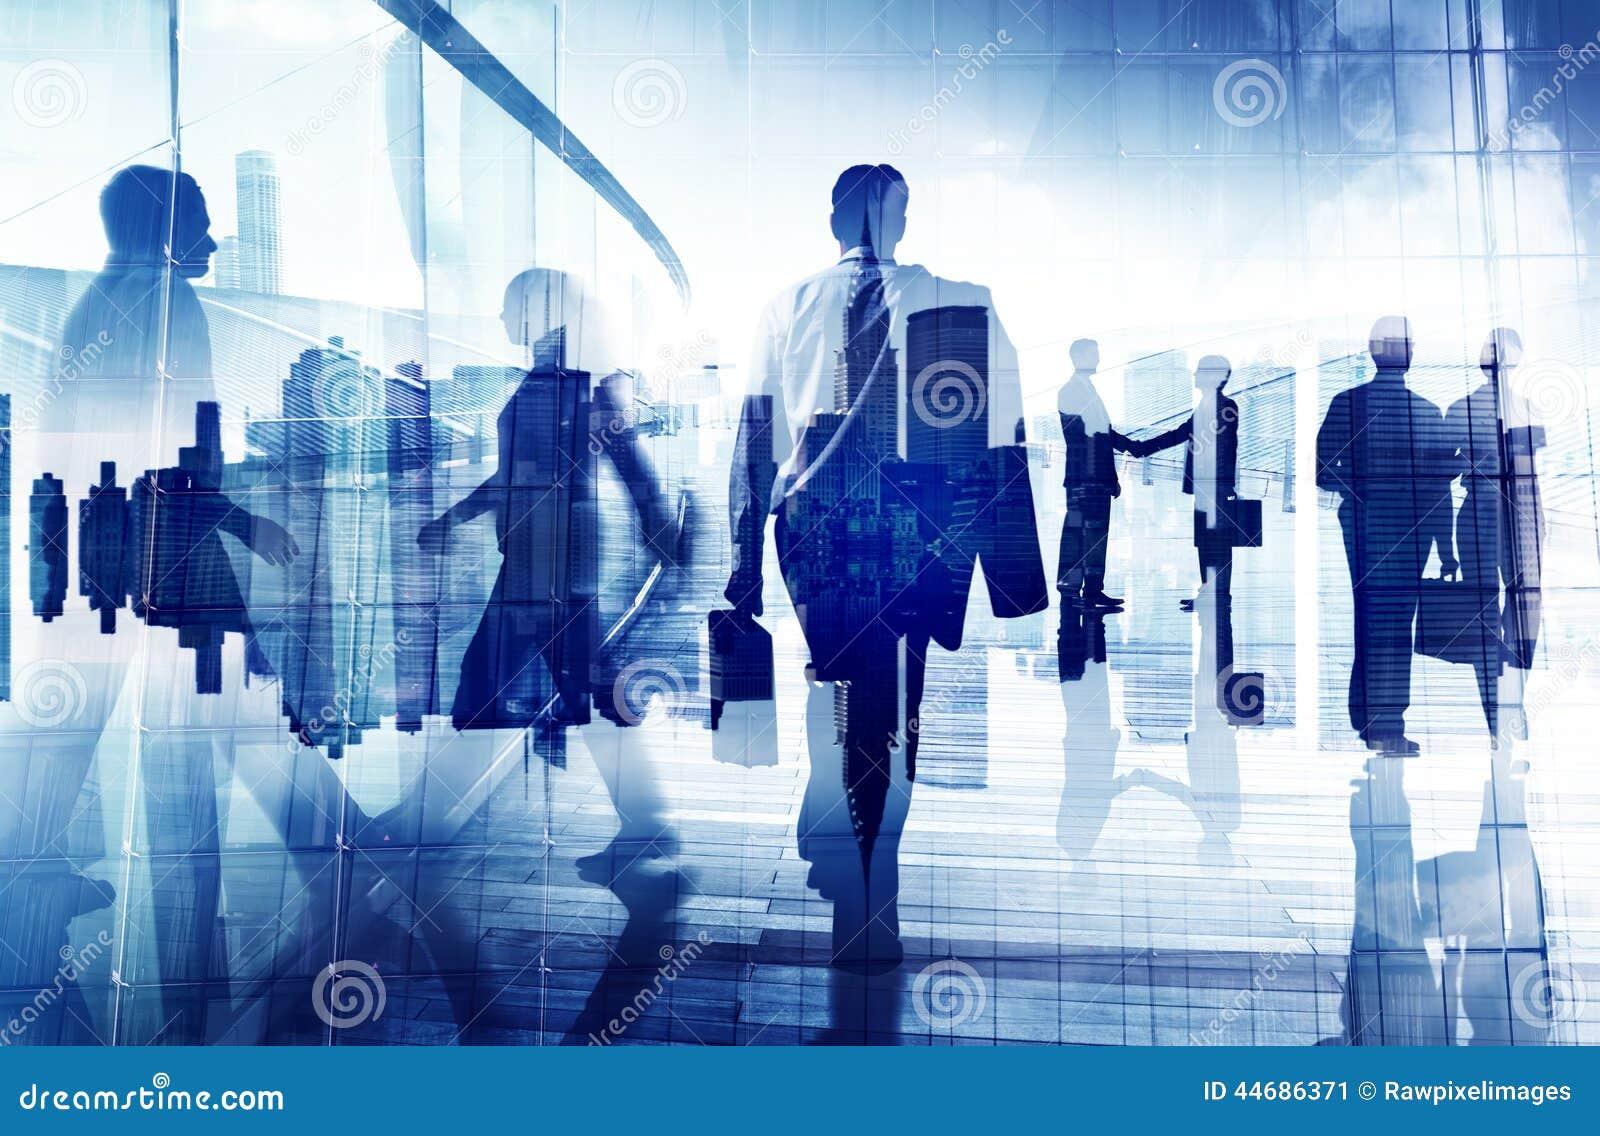 Siluette della gente di affari in un edificio per uffici